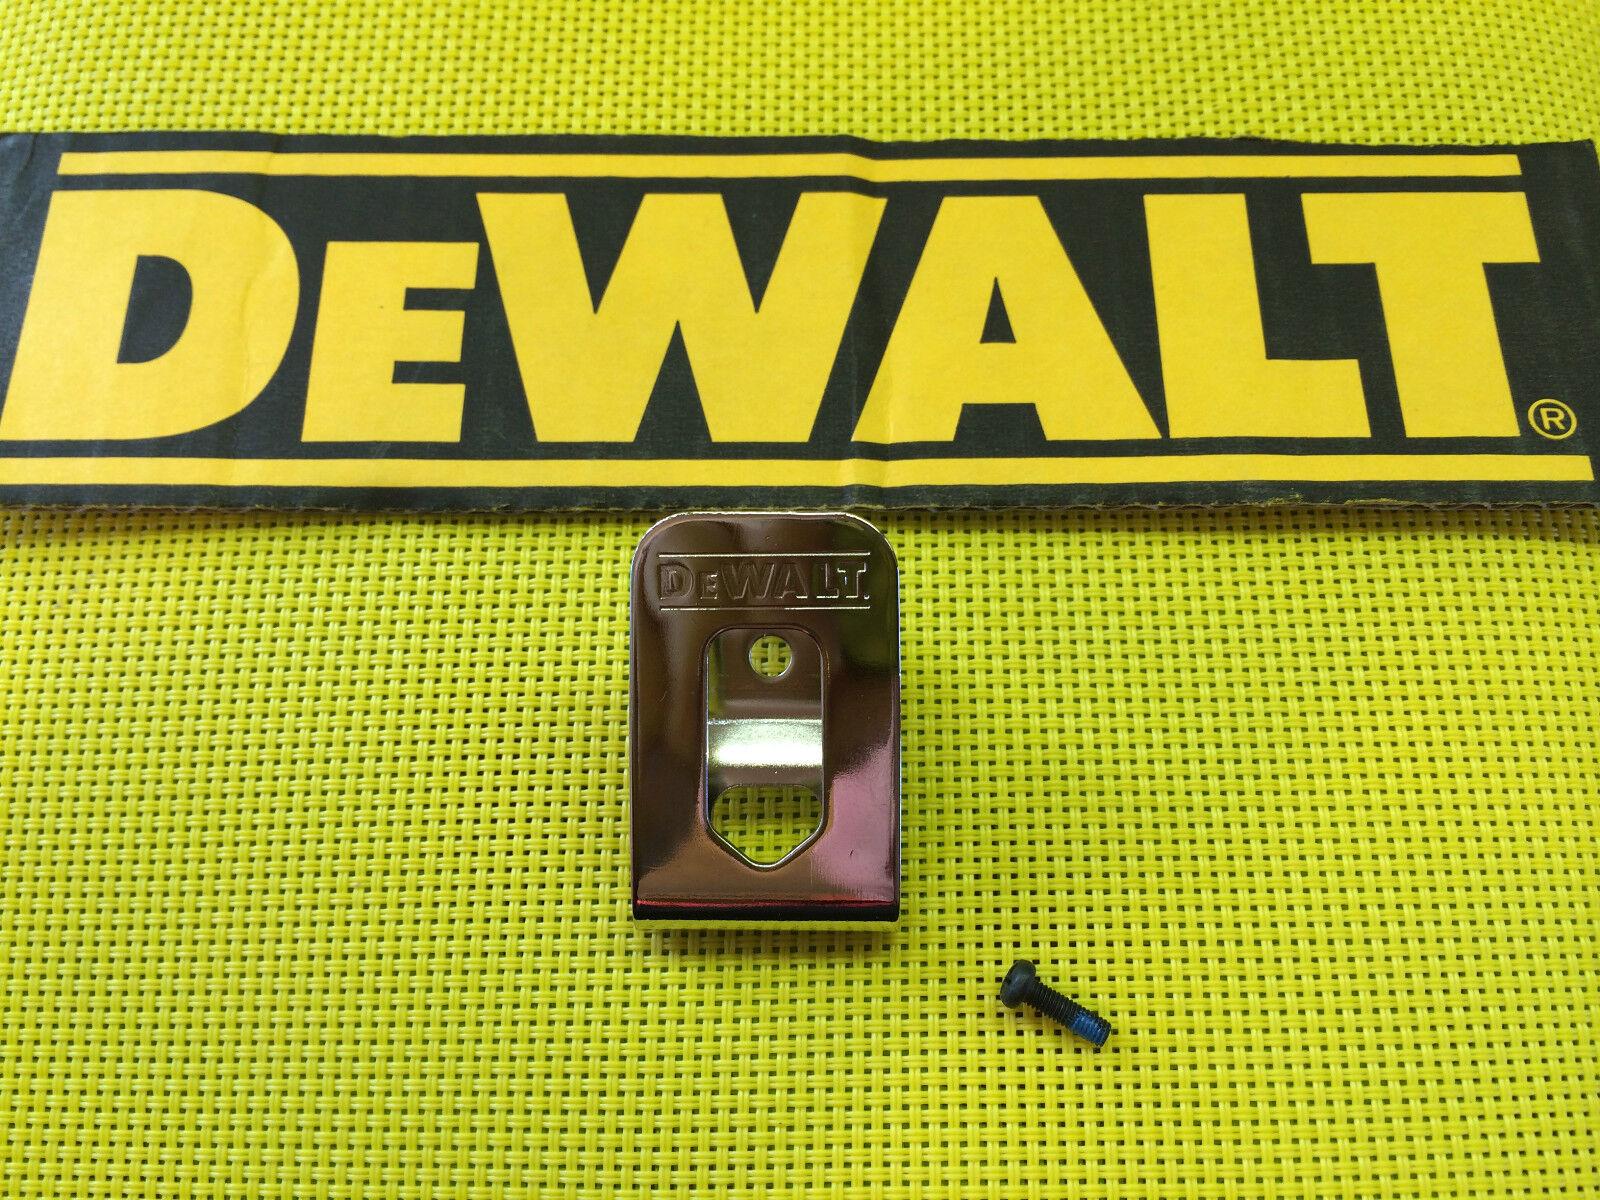 DeWALT BELT HOOK 12V MAX DRILL & IMPACT DRIVER